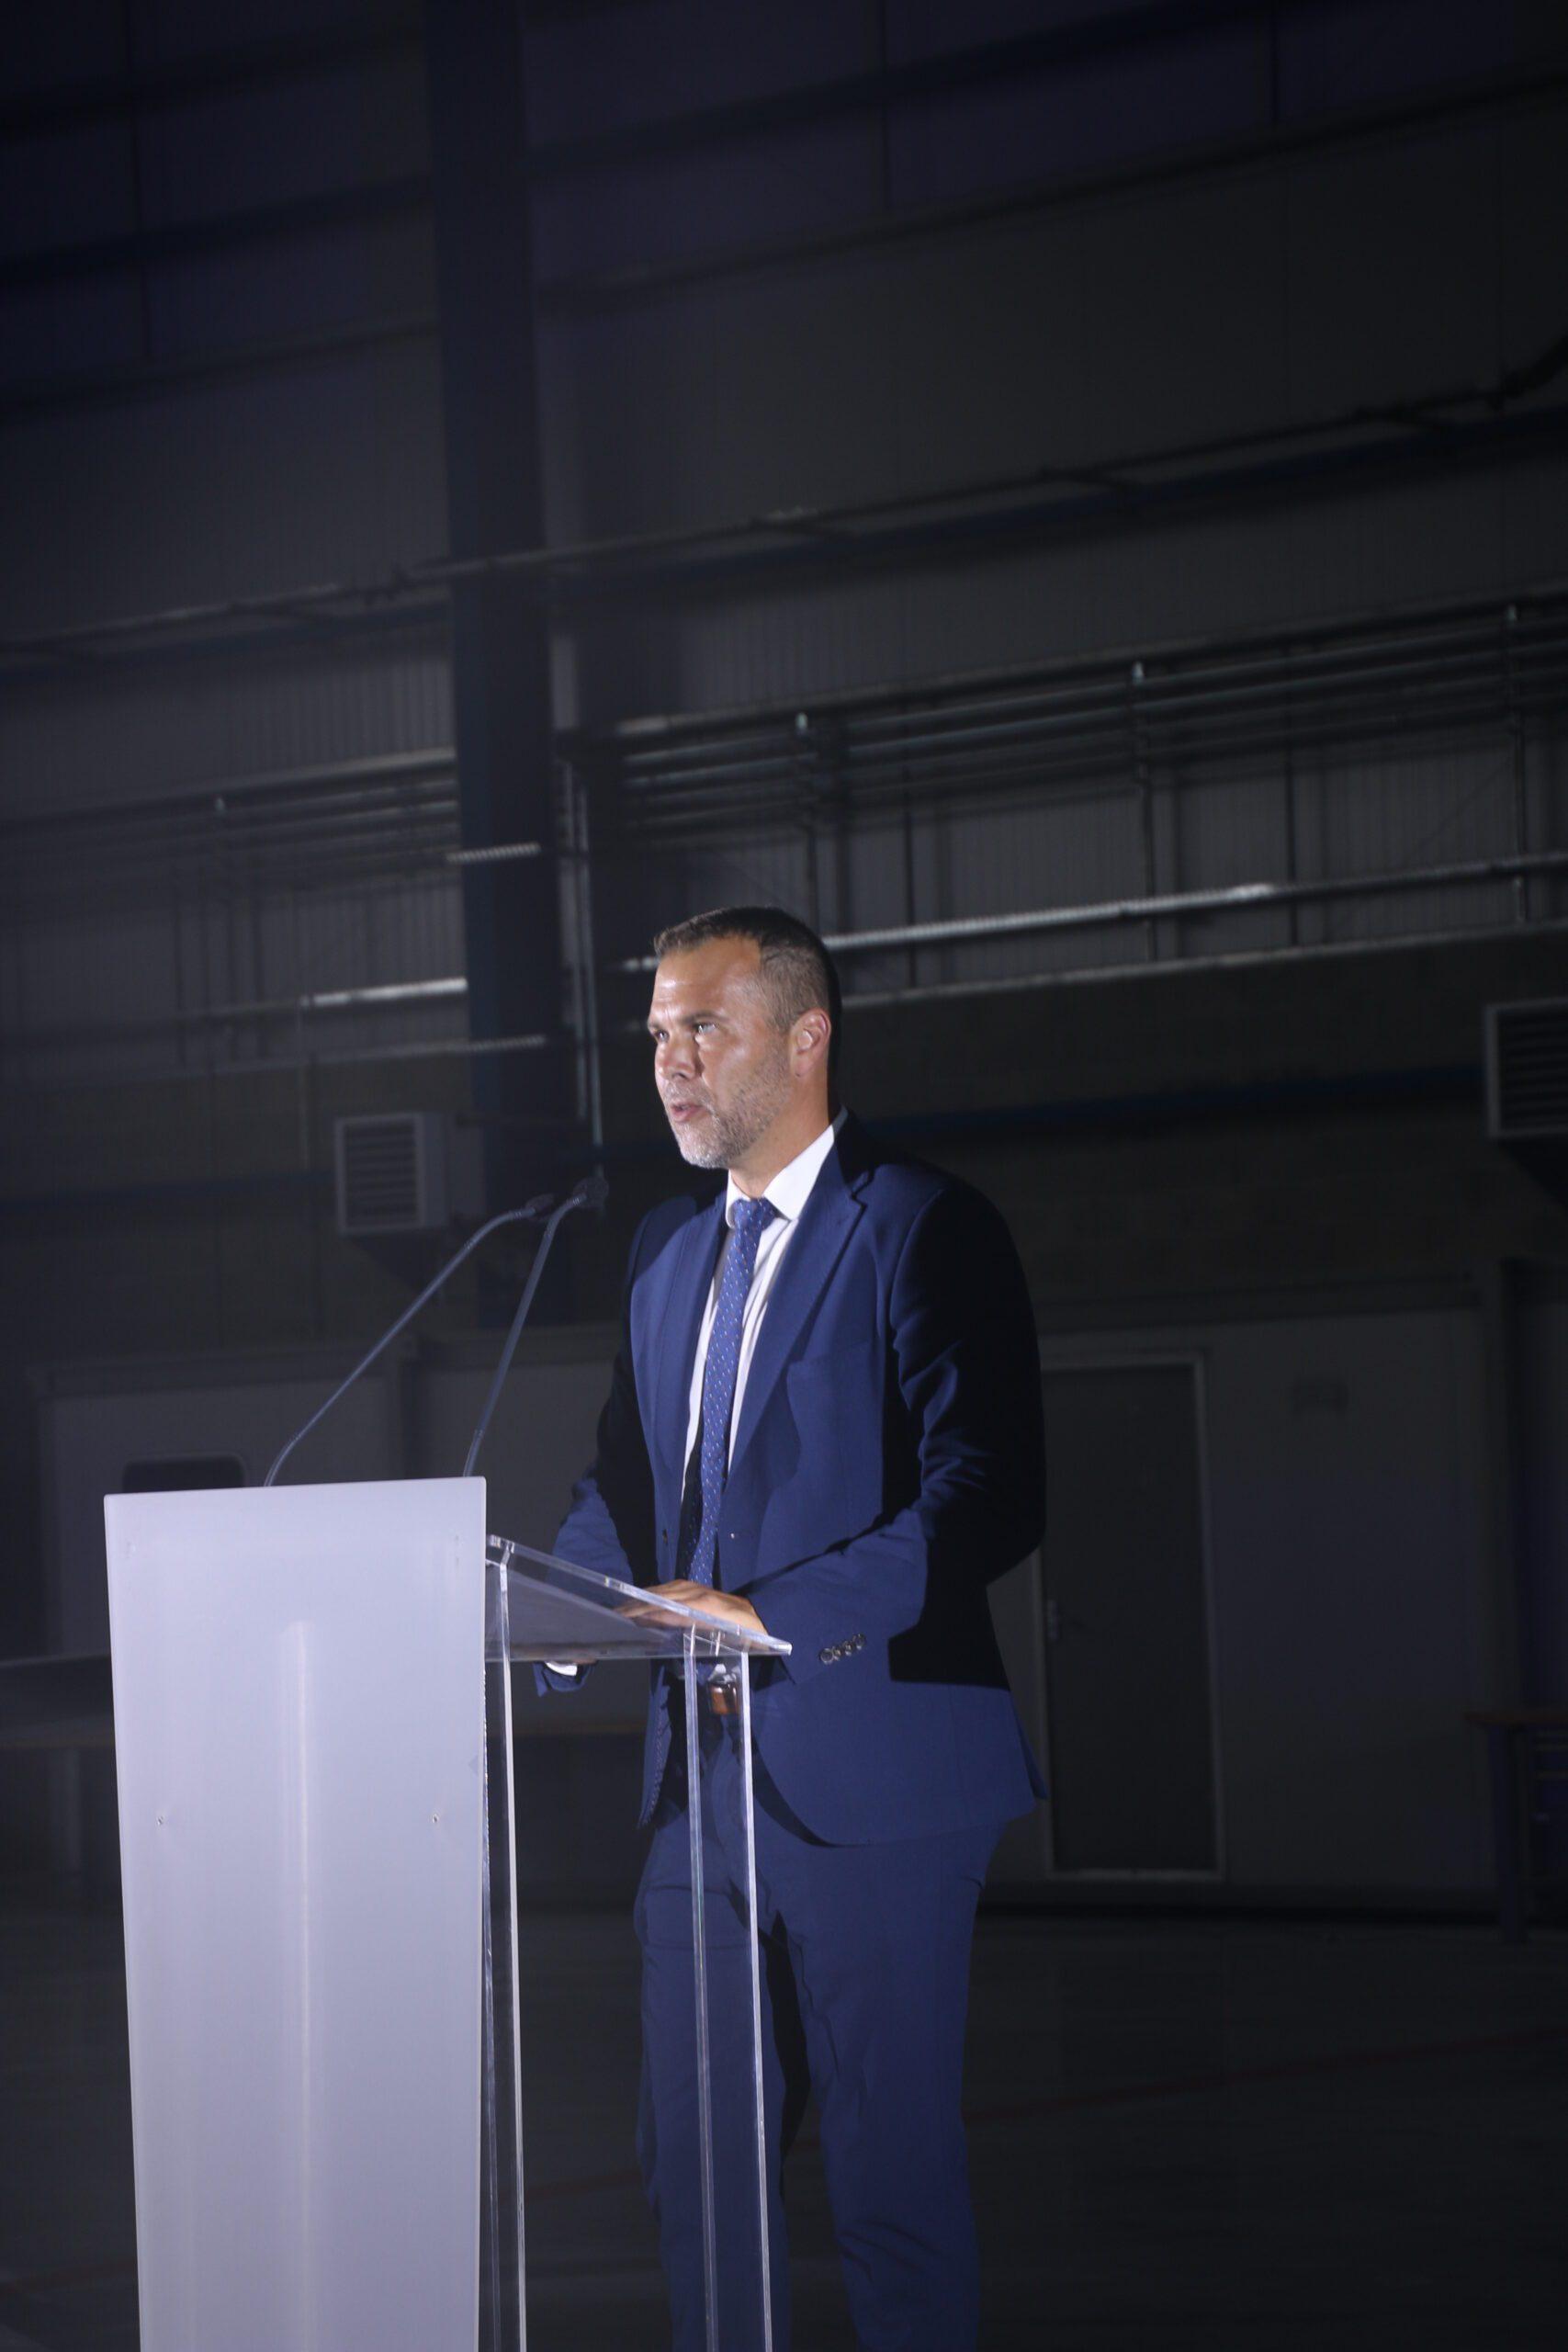 ASI-Group inaugurates its new maintenance base at Paris-Vatry